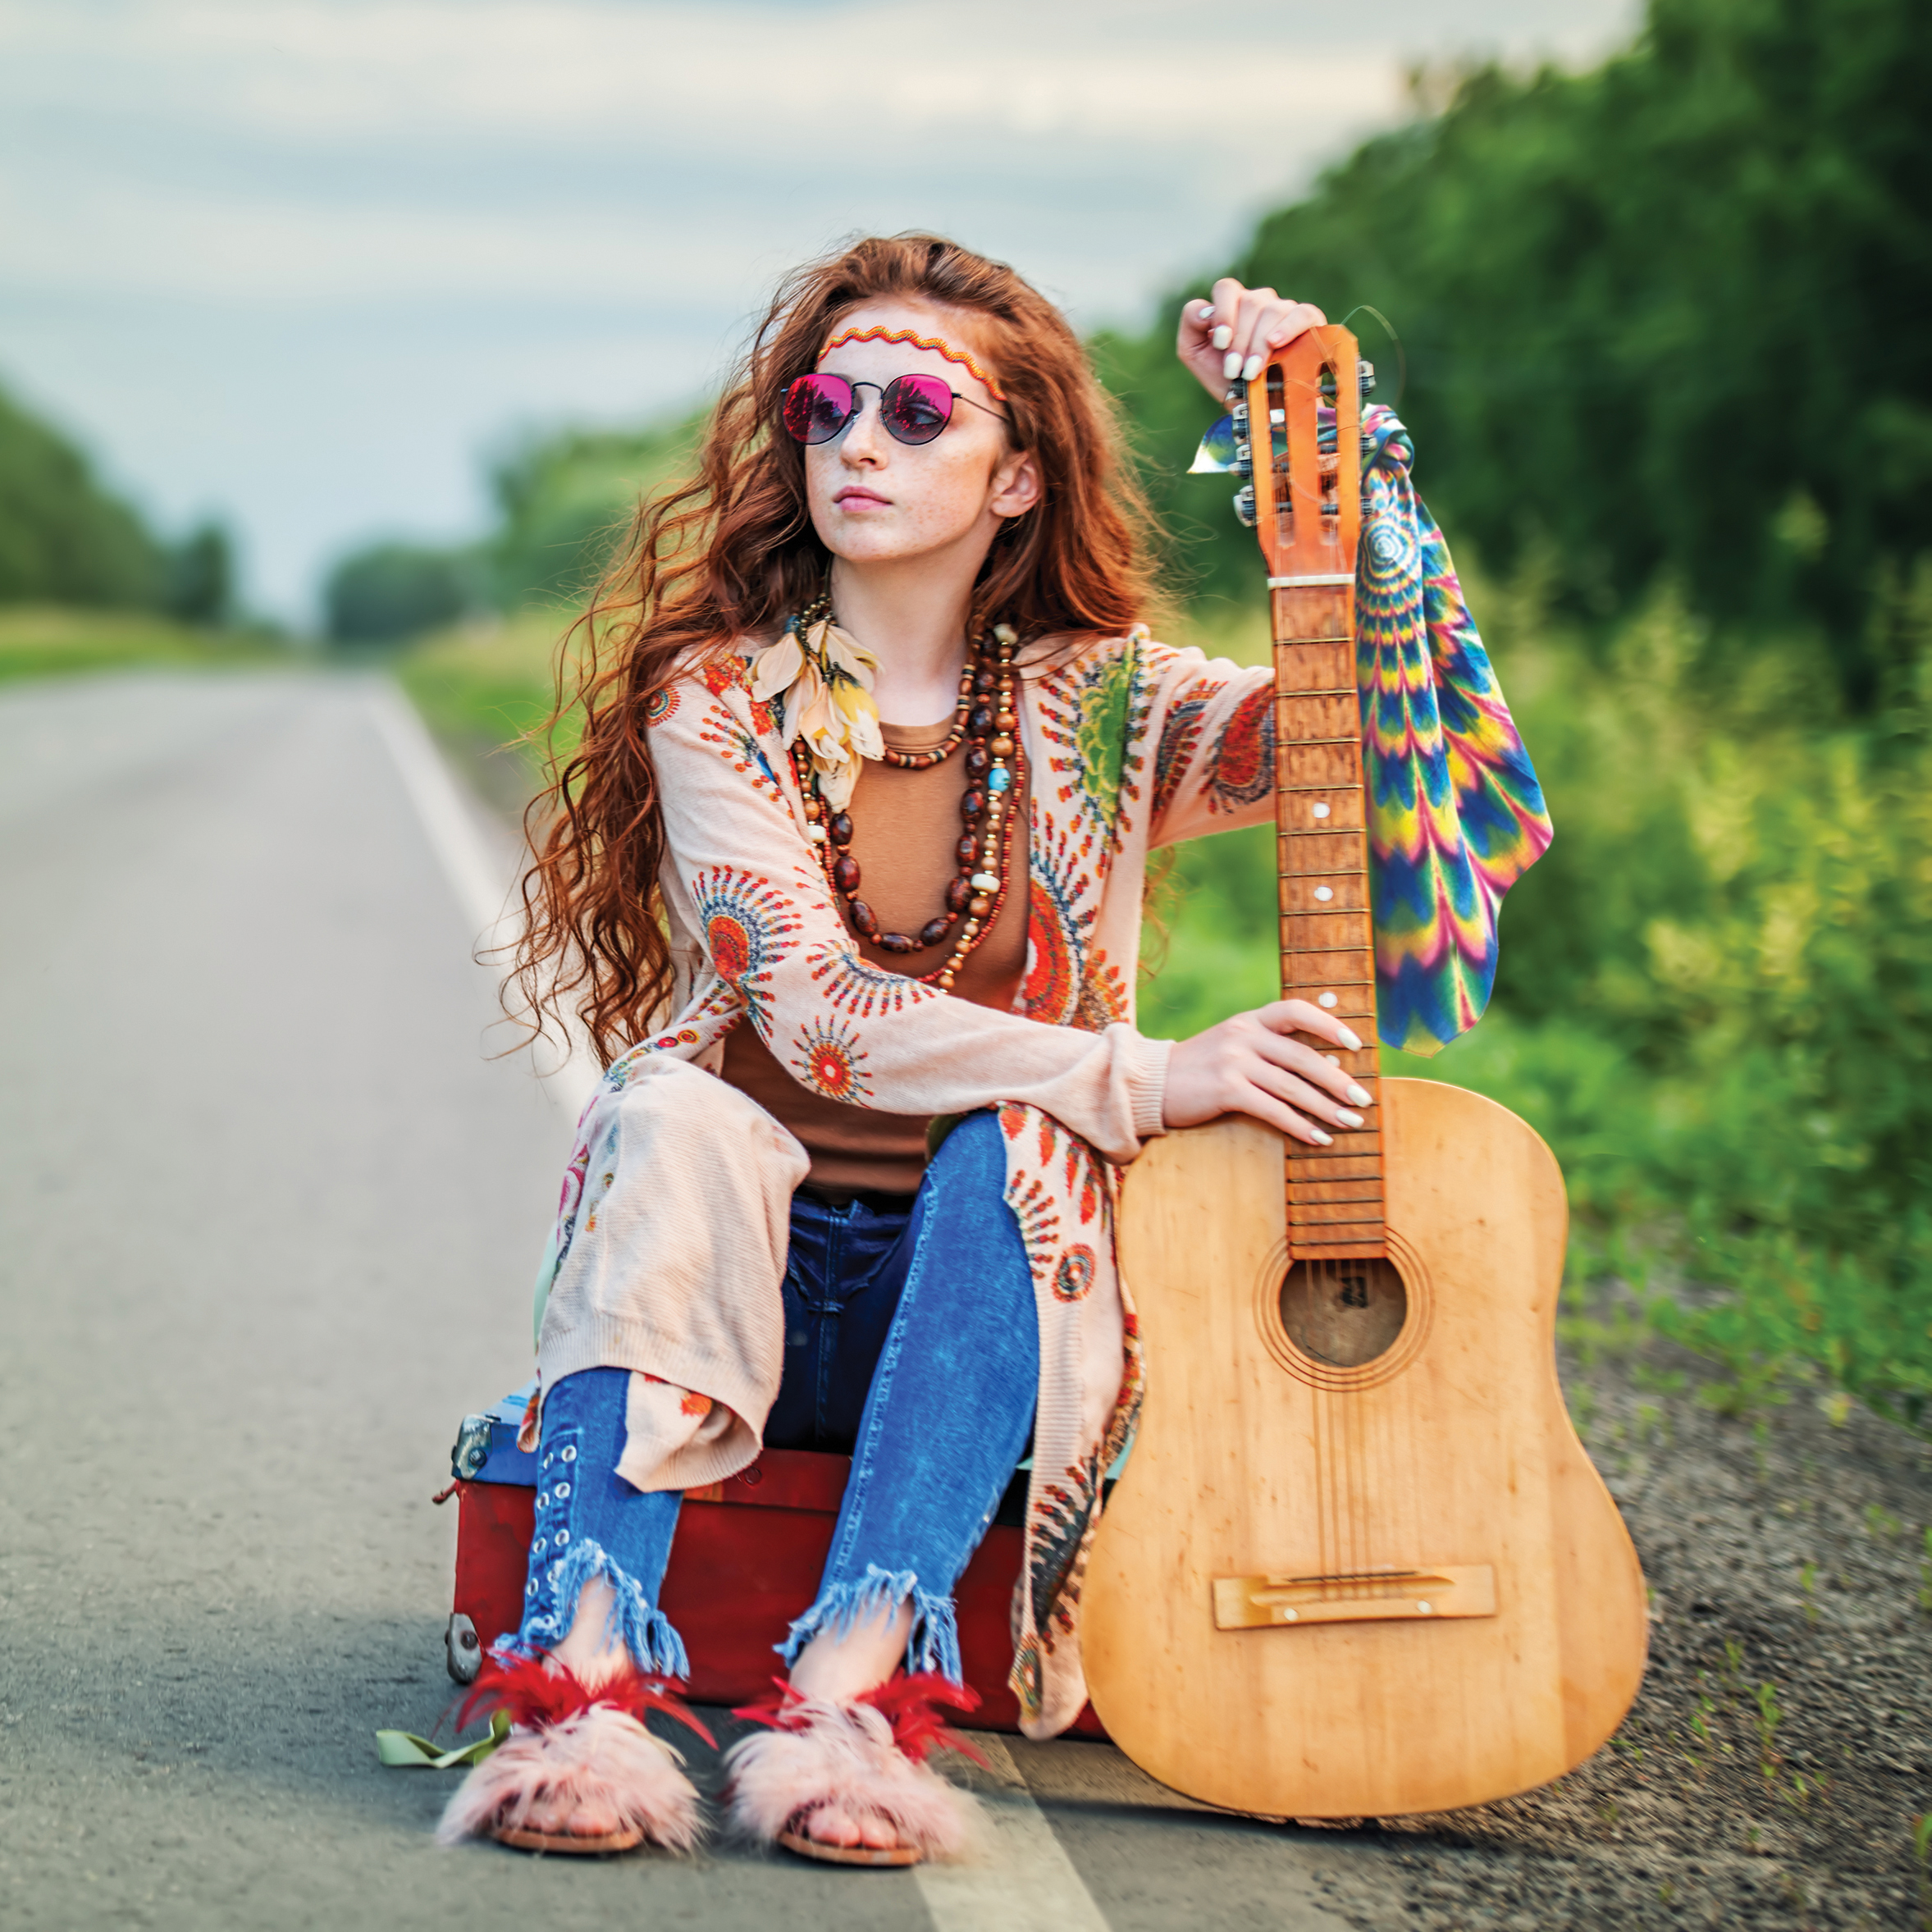 tye-dyed bandana on hippie-chick, girl with bandanna